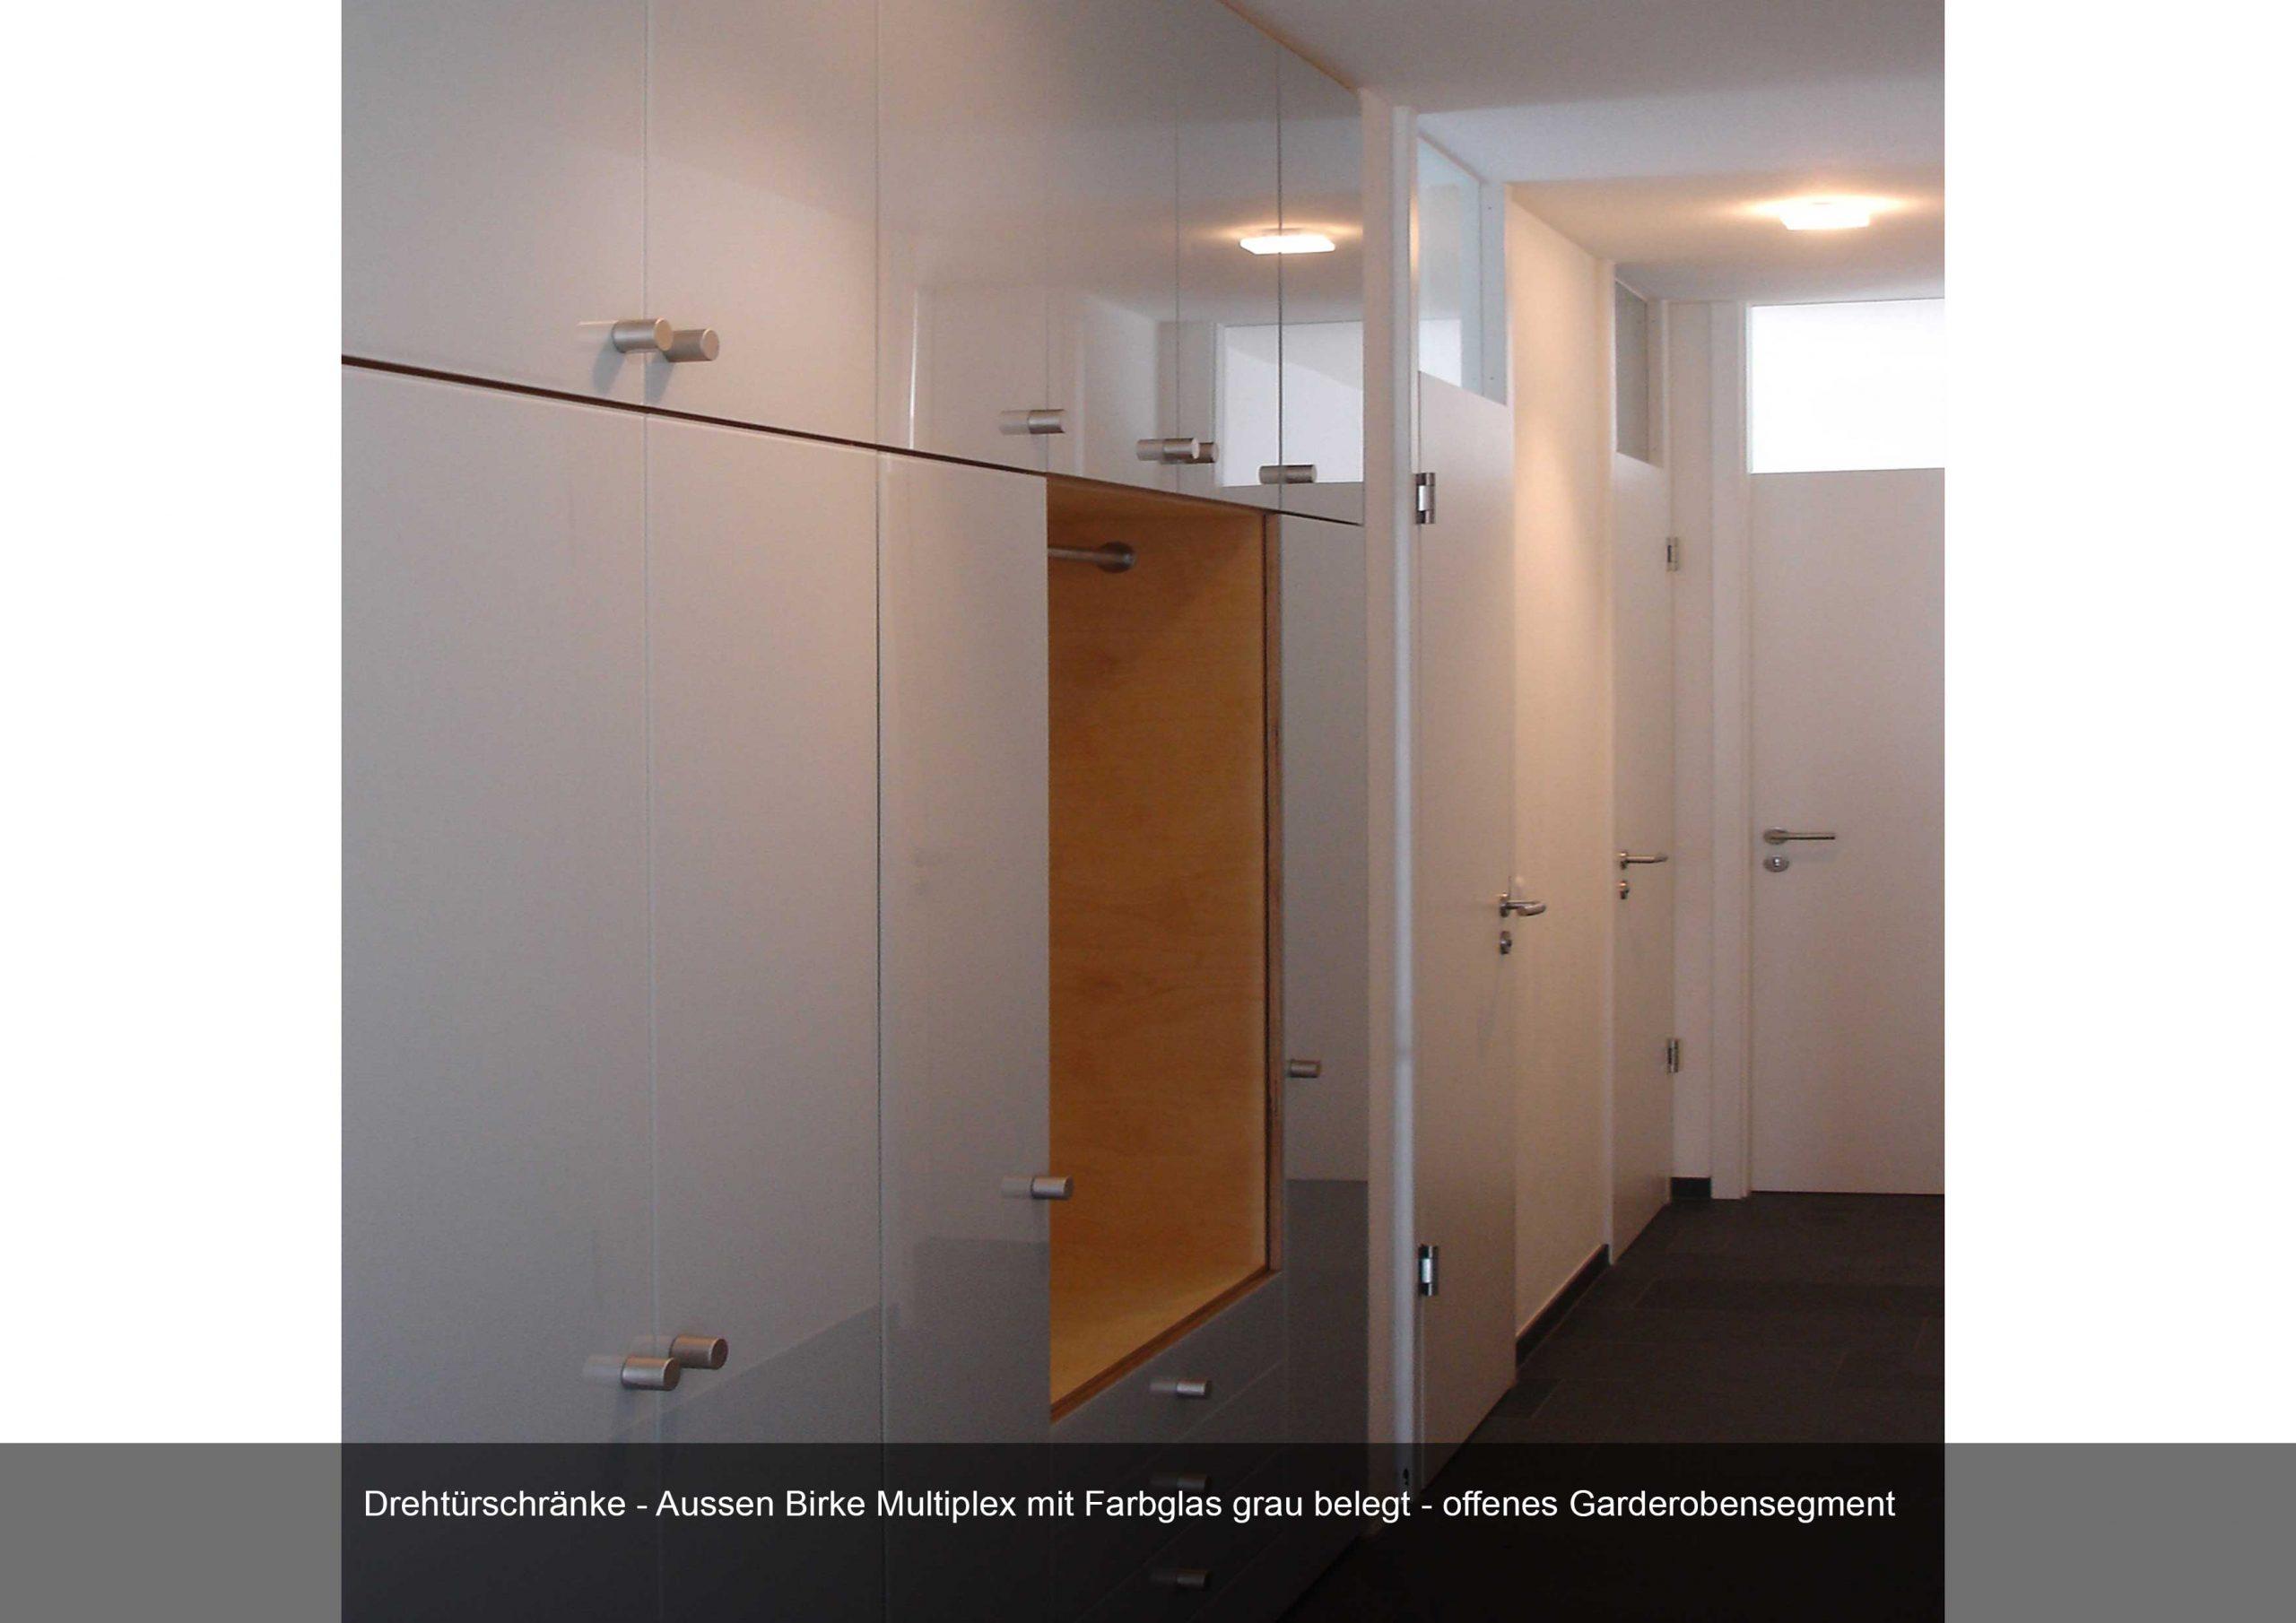 Drehtürschränke Garderobe Birke Multiplex Farbglas grau Flur Praxis Inneneinrichtung